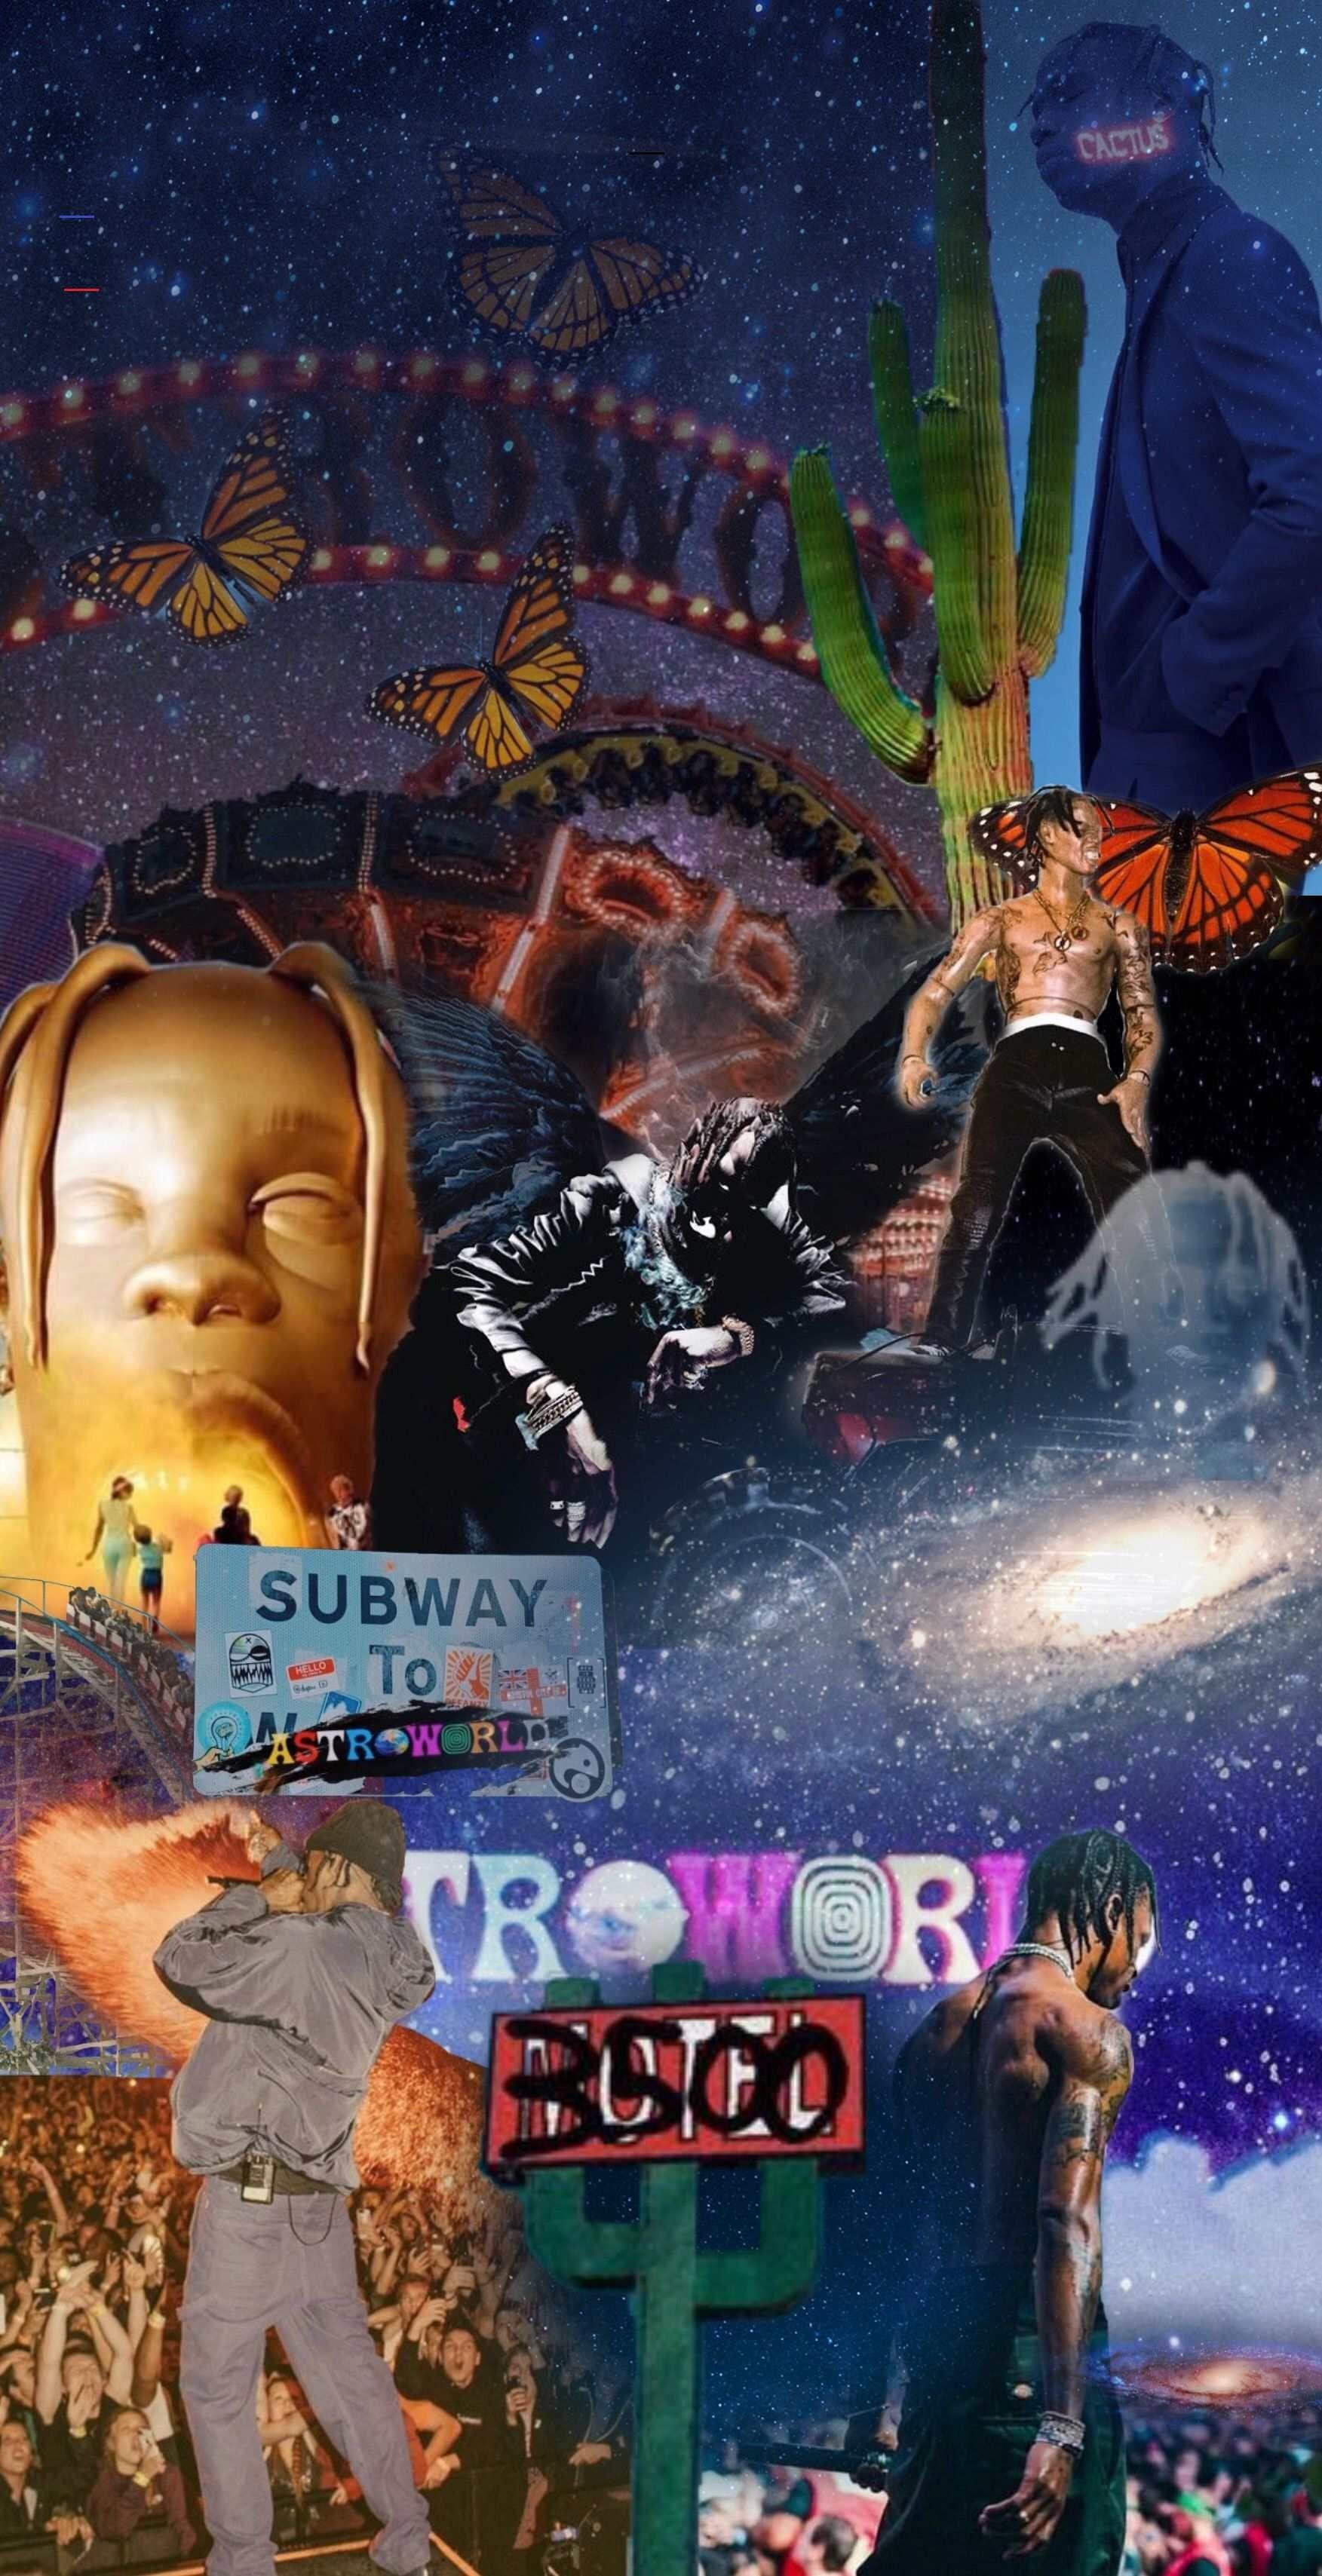 Travis Scott X Astroworld Wallpaper Travisscottwallpapers In 2020 Travis Scott Iphone Wallpaper Travis Scott Wallpapers Rapper Wallpaper Iphone